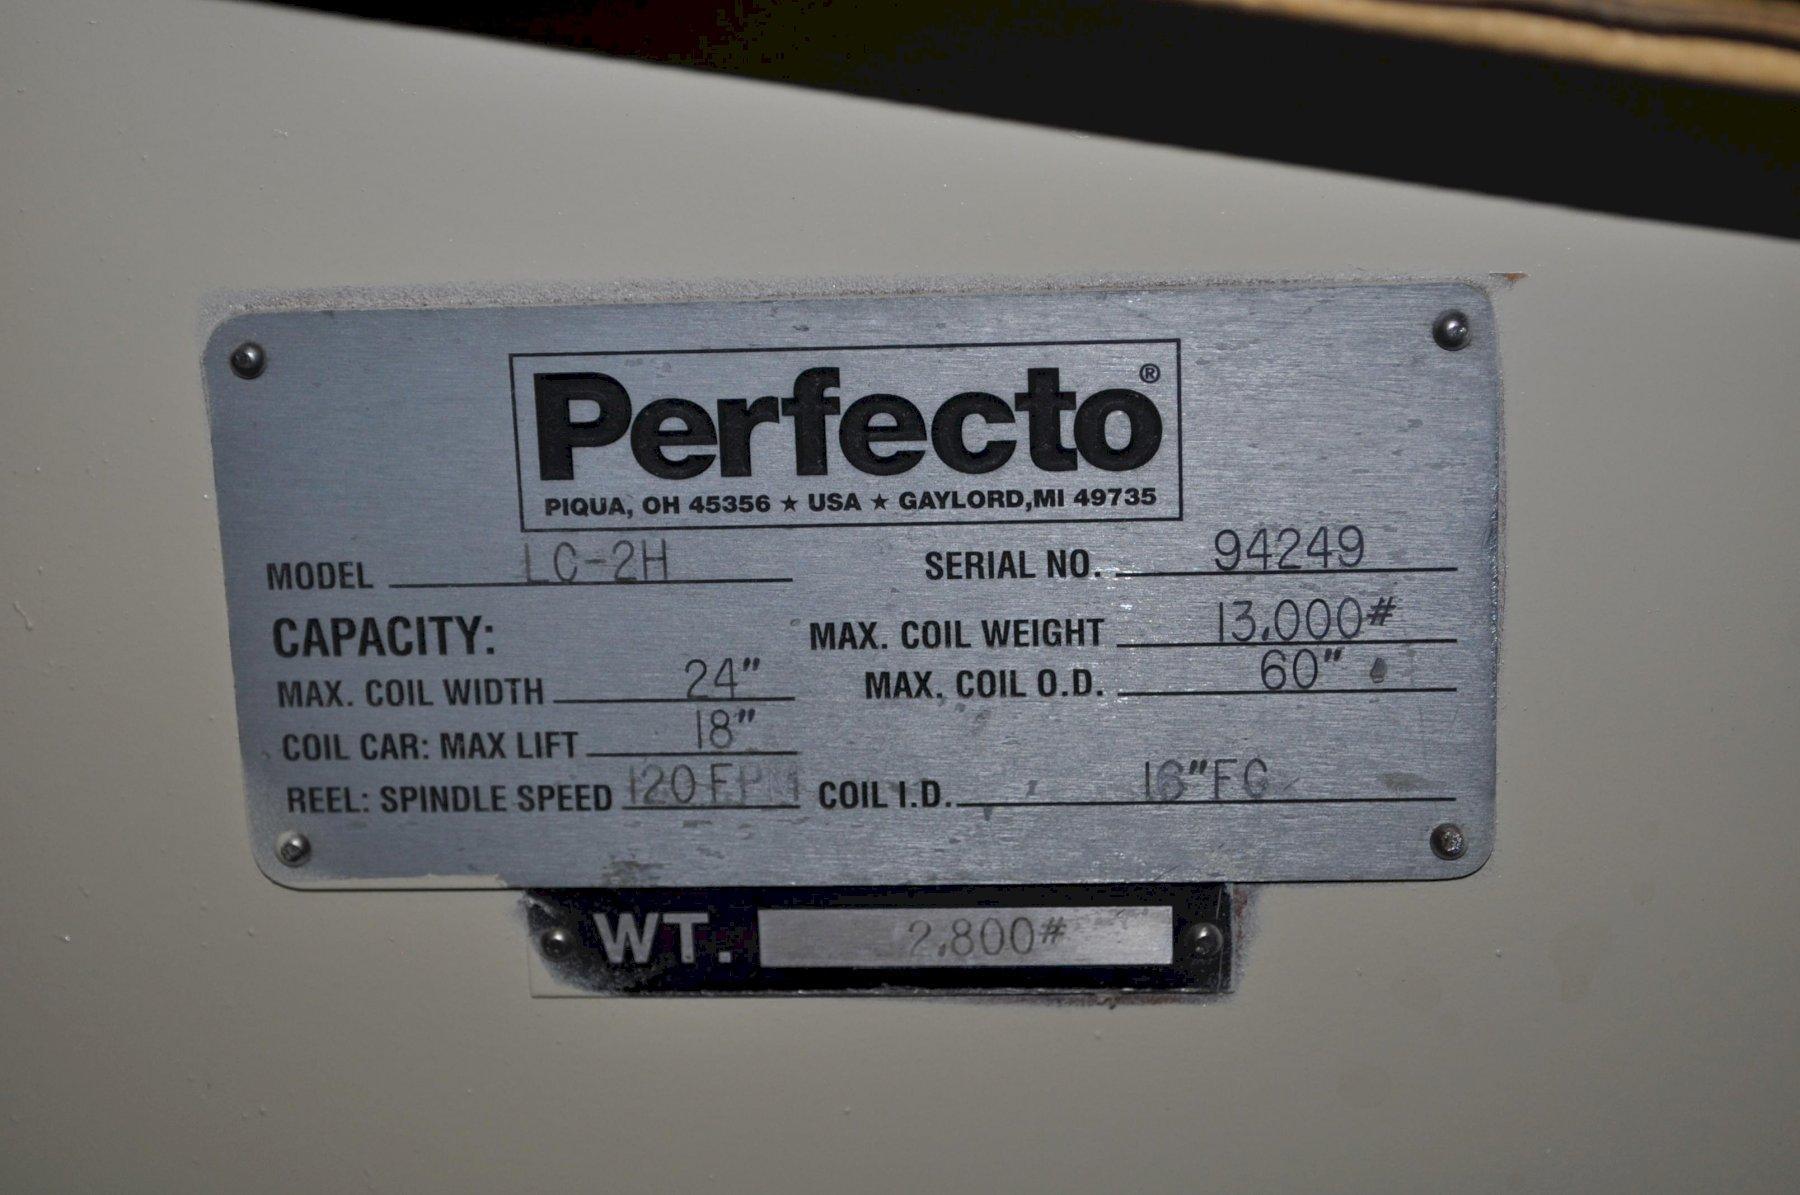 13000 LB Perfecto Coil Car